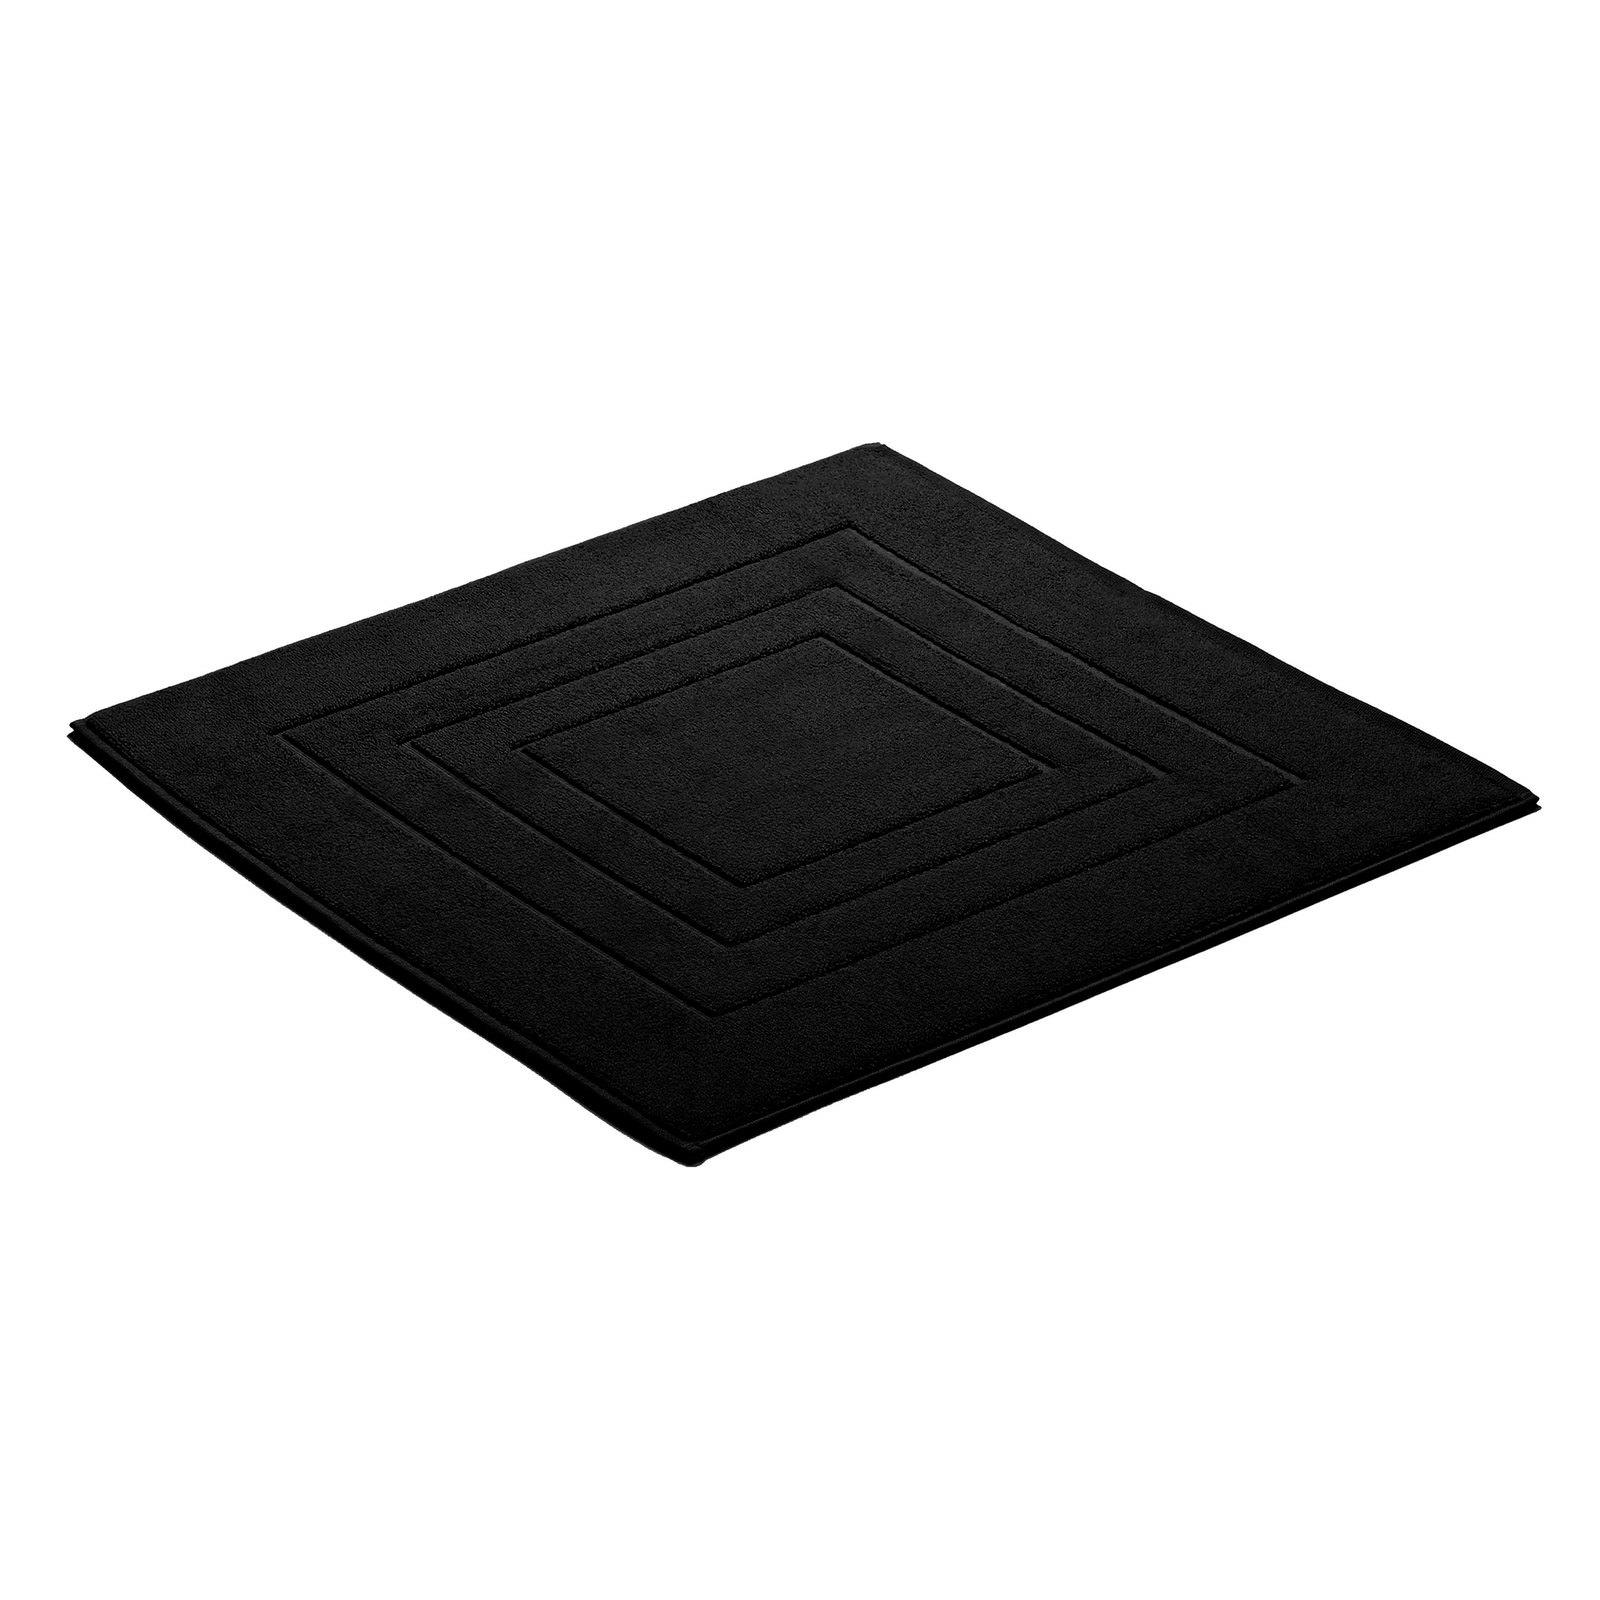 vossen badeteppich schwarz online entdecken schaffrath ihr m belhaus. Black Bedroom Furniture Sets. Home Design Ideas